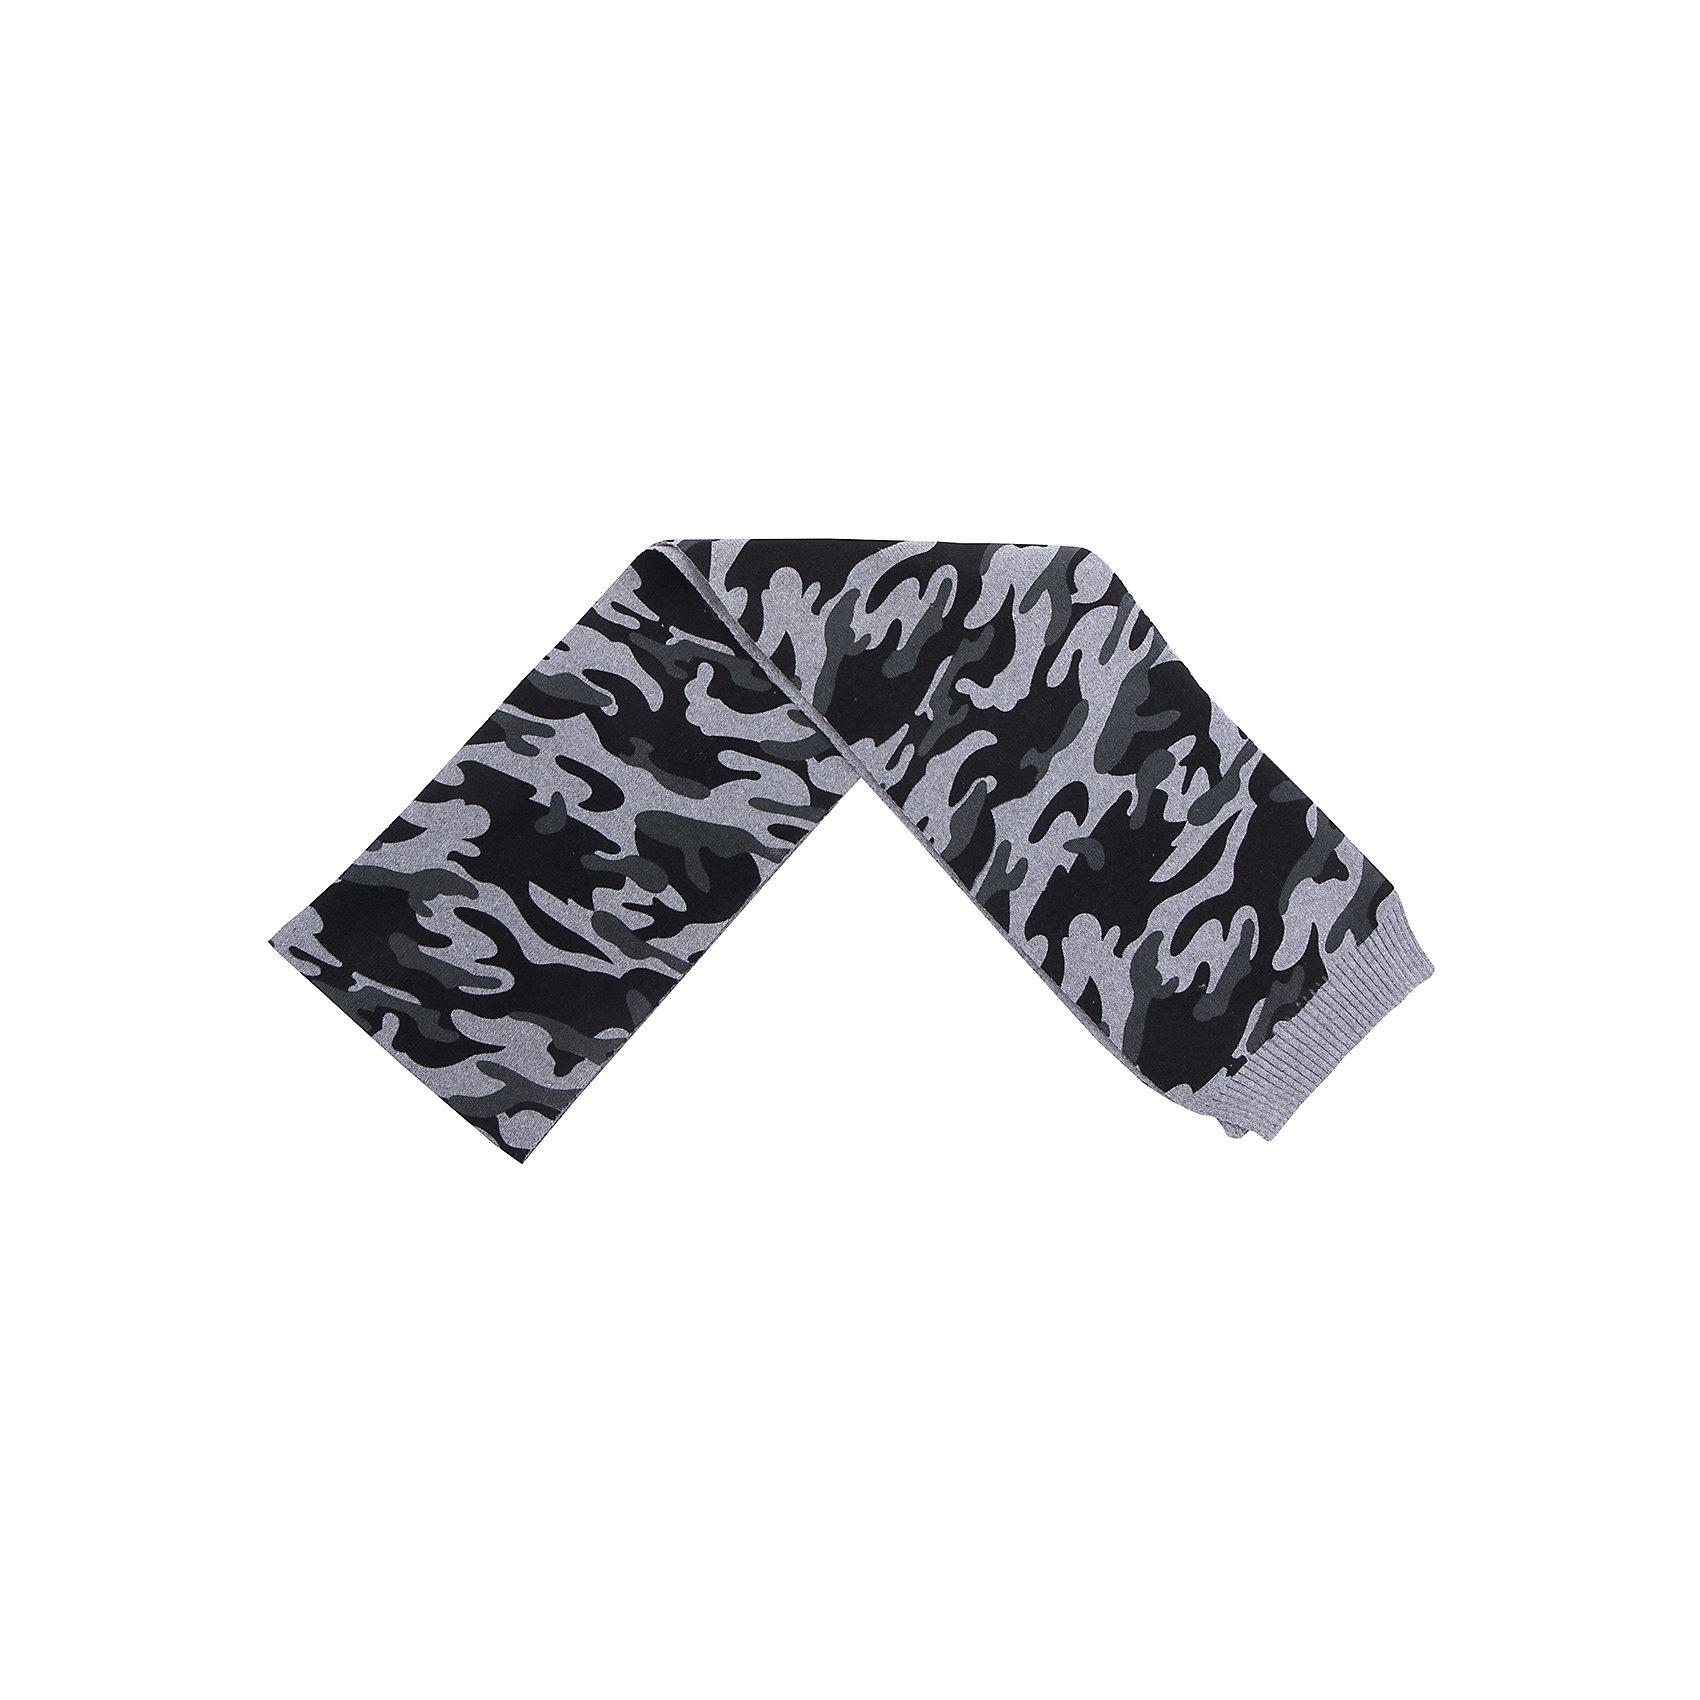 Шарф Scool для мальчикаВерхняя одежда<br>Шарф Scool для мальчика<br>Двусторонний шарф из ткани с высоким содержанием натурального хлопка. Модель выполнена в стиле милитари.<br>Состав:<br>60% хлопок, 40% акрил<br><br>Ширина мм: 88<br>Глубина мм: 155<br>Высота мм: 26<br>Вес г: 106<br>Цвет: белый<br>Возраст от месяцев: 108<br>Возраст до месяцев: 168<br>Пол: Мужской<br>Возраст: Детский<br>Размер: one size<br>SKU: 7105017